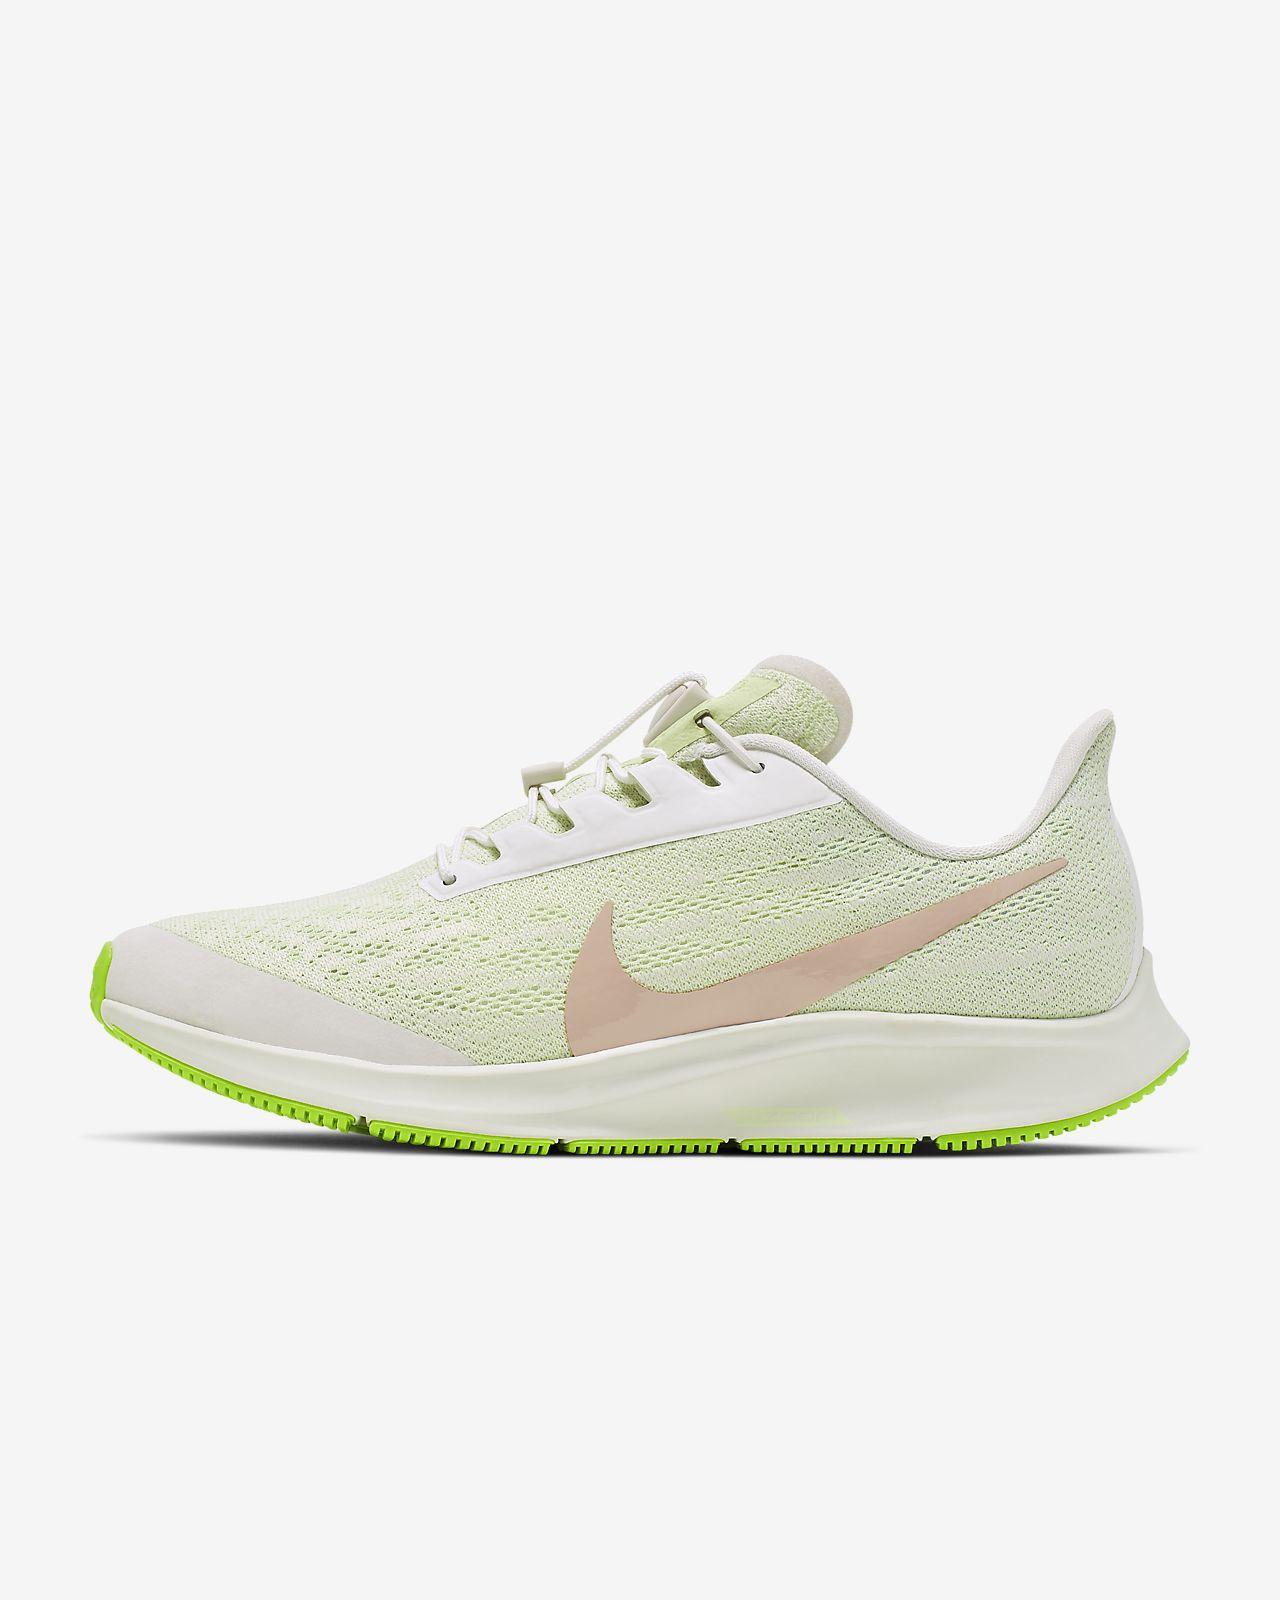 Nike Air Zoom Pegasus 36 FlyEase løpesko til dame